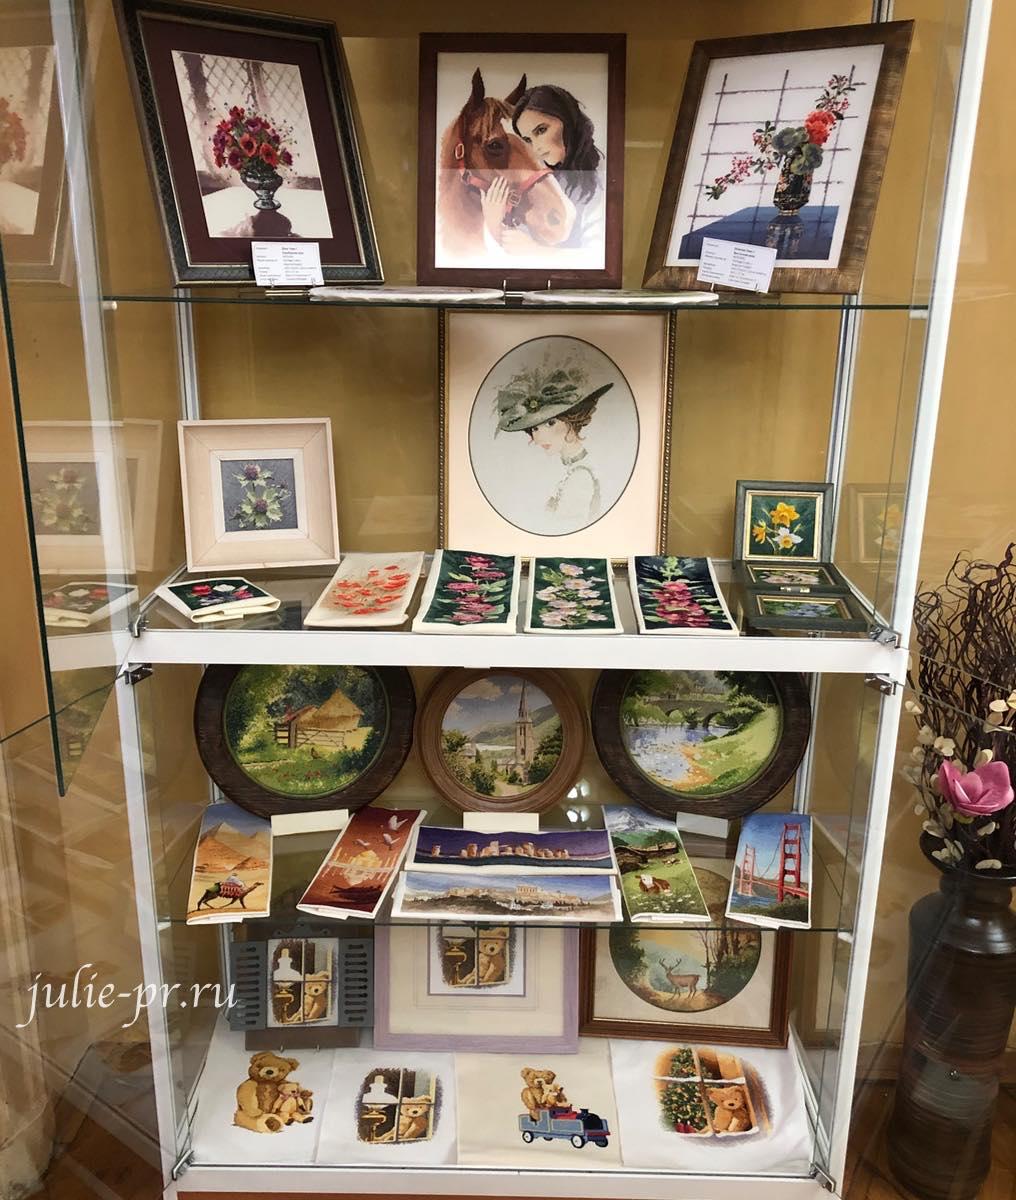 круги Клейтона, панорама, мишки тедди, вышивка крестом, Heritage, John Clayton, выставка Грани Джона Клейтона